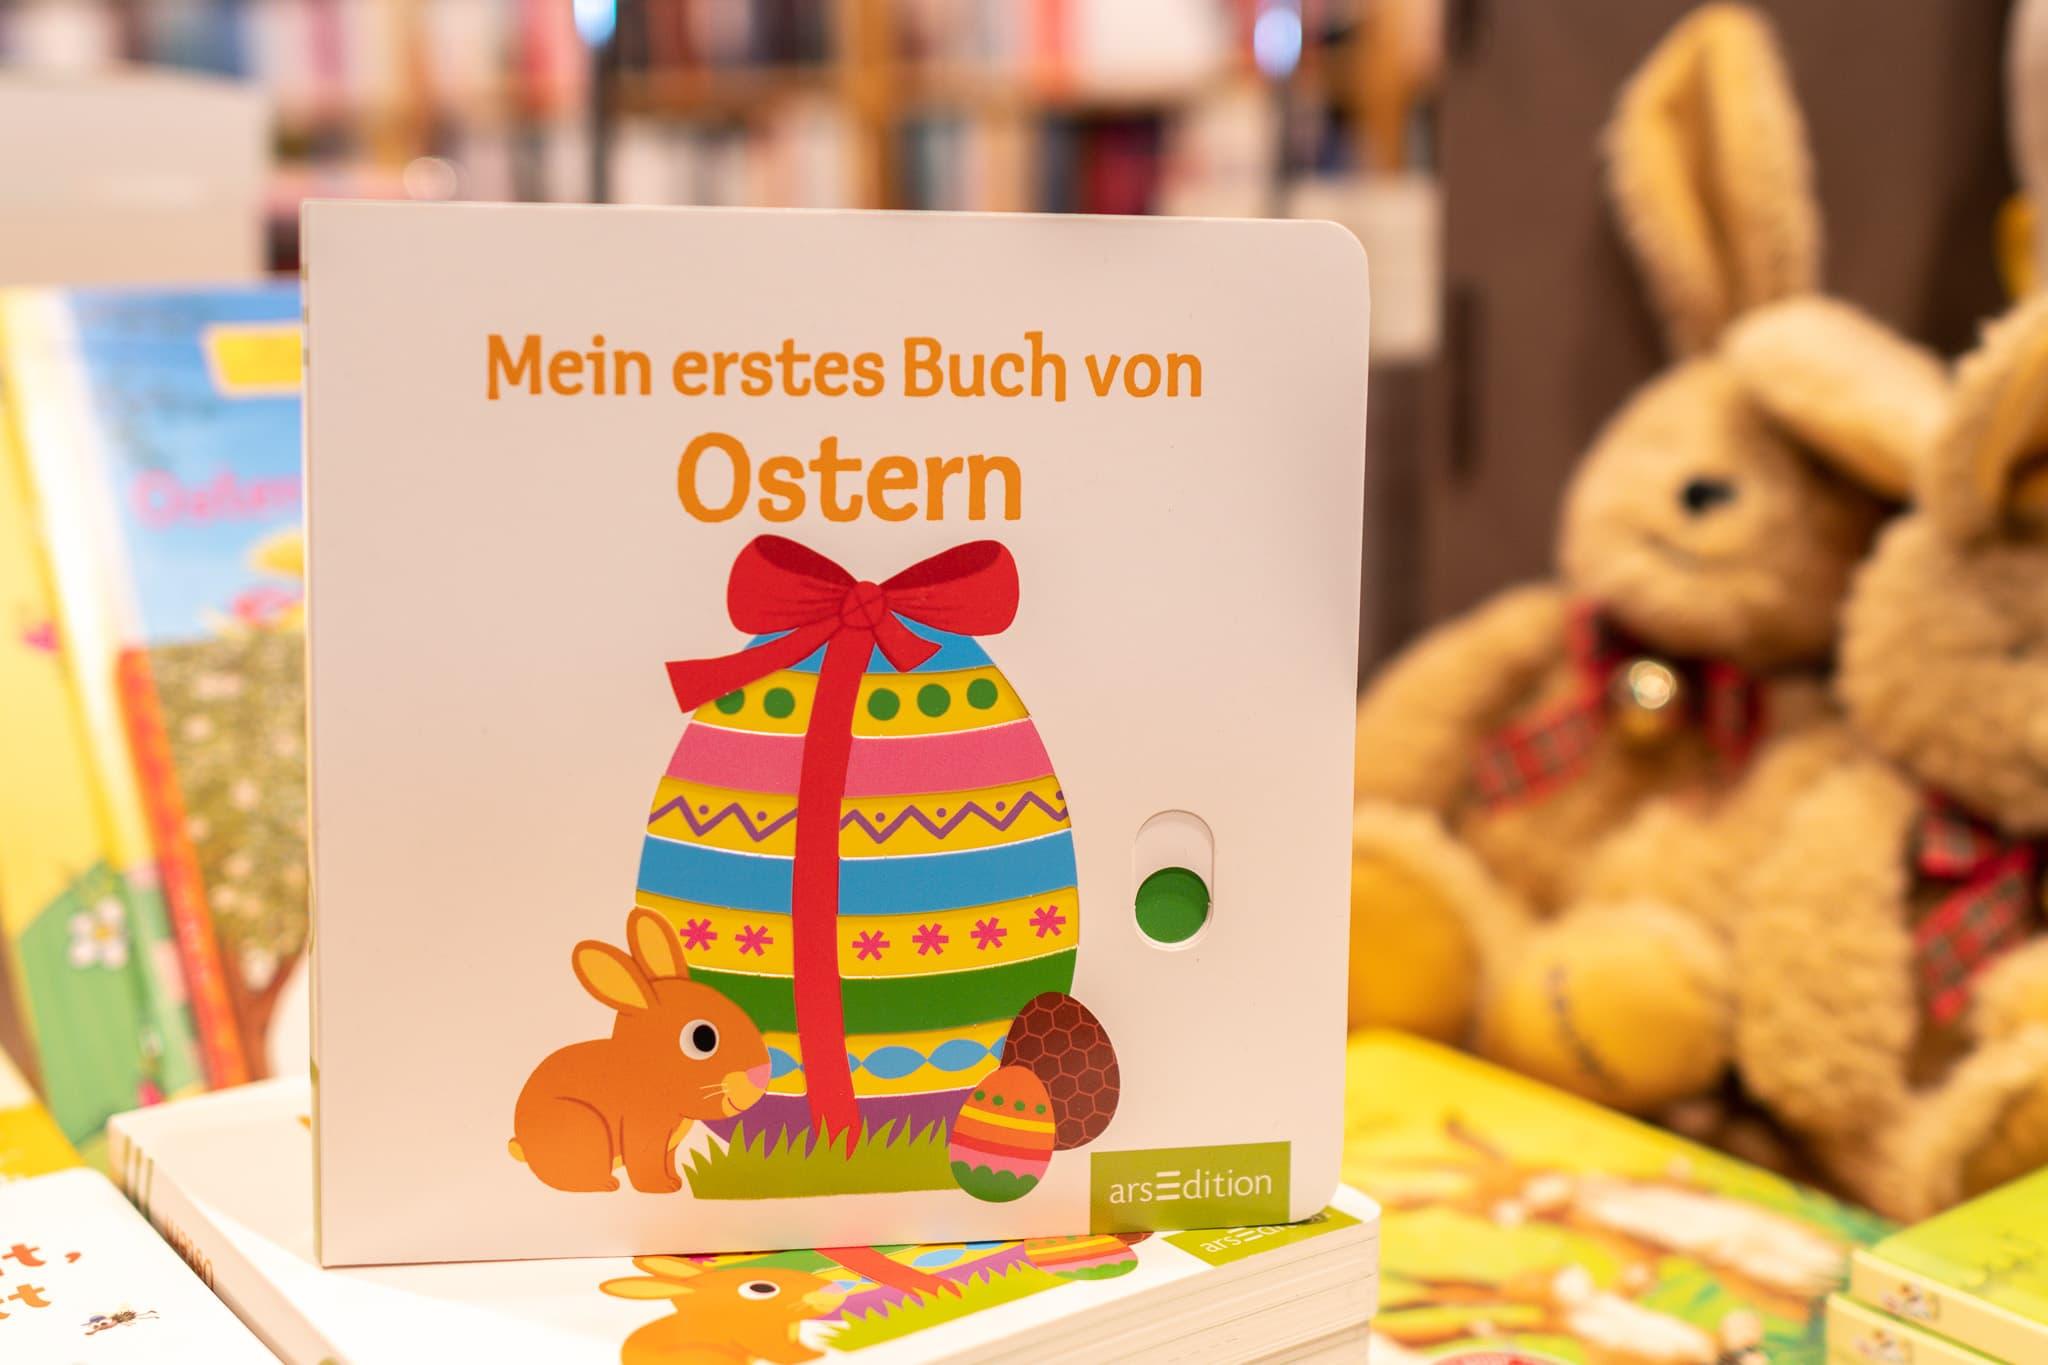 Osterbuch, Buch, Ostern, Ostergeschenke für Kinder, Geschenkideen, Osterfest, 9020 Klagenfurt am Wörthersee